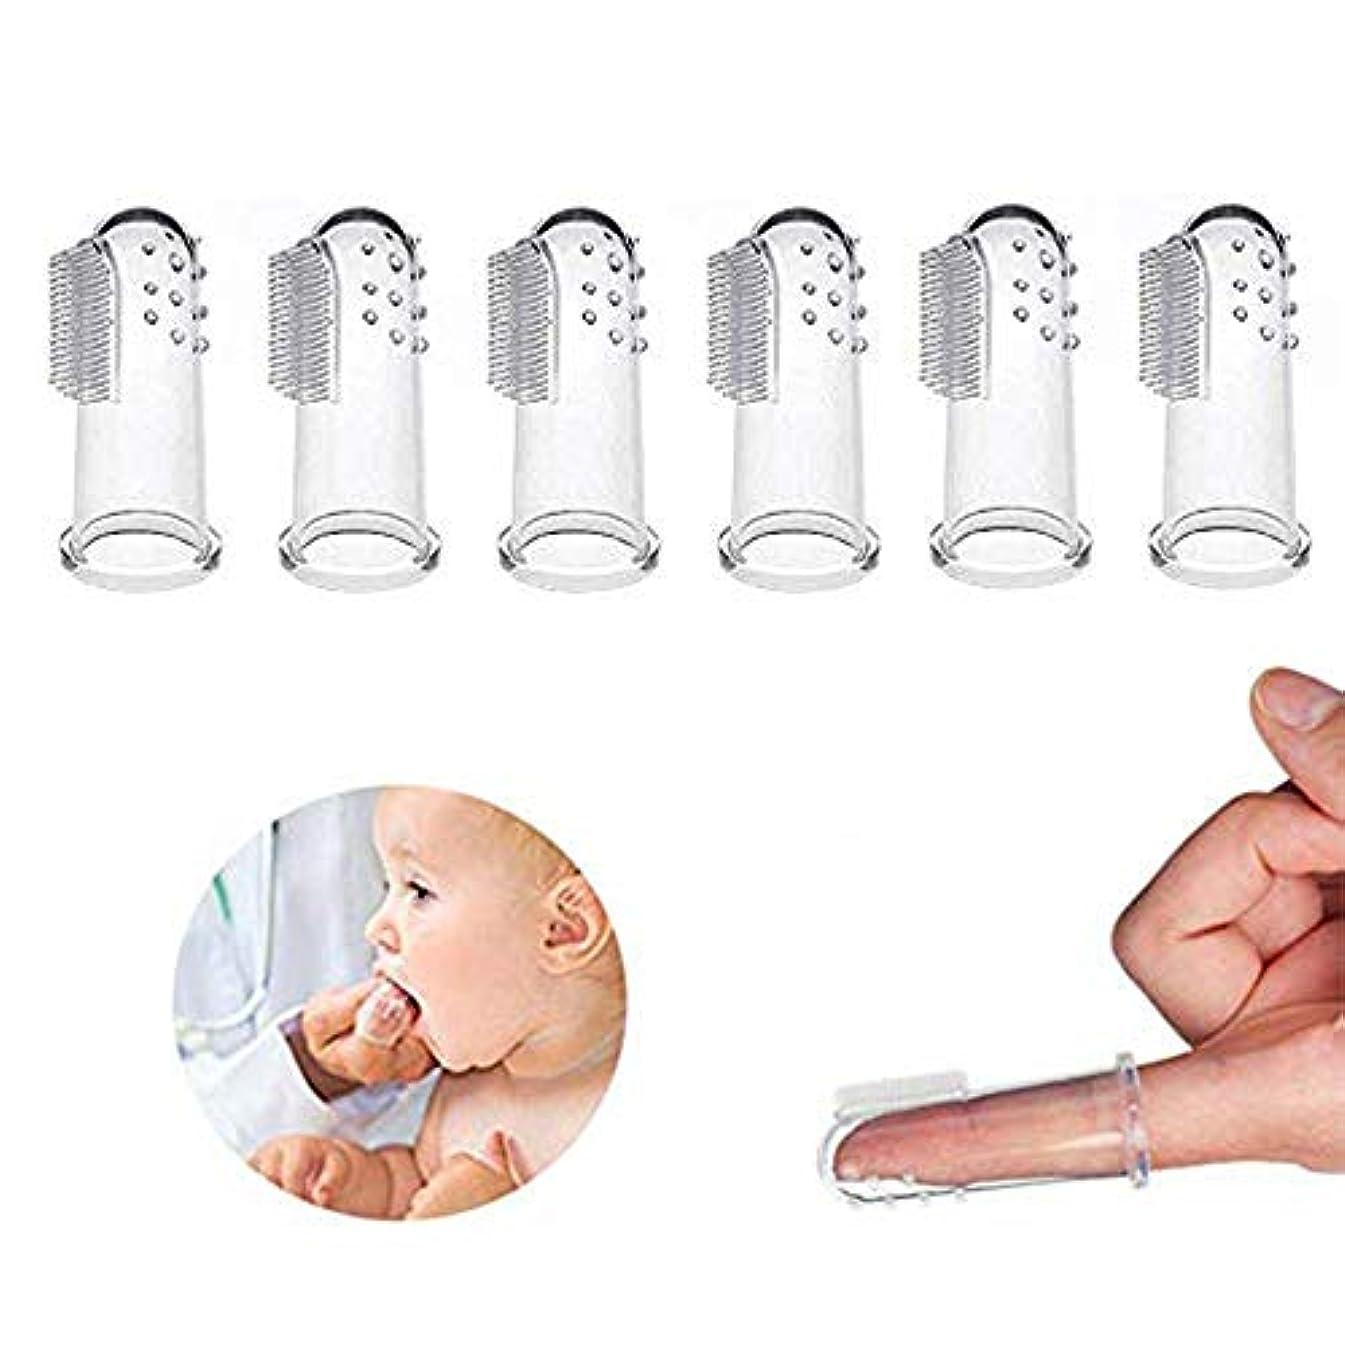 対応り多数の幼児歯ブラシ ベビー指歯ブラシ 指歯ブラシ 乳歯清潔 口腔ケア ケース付き ベビーフィンガーブラ 乳児幼児子供用シリコーンソフトオーラルマッサージャージェントルケア 6本セット (ホワイト)